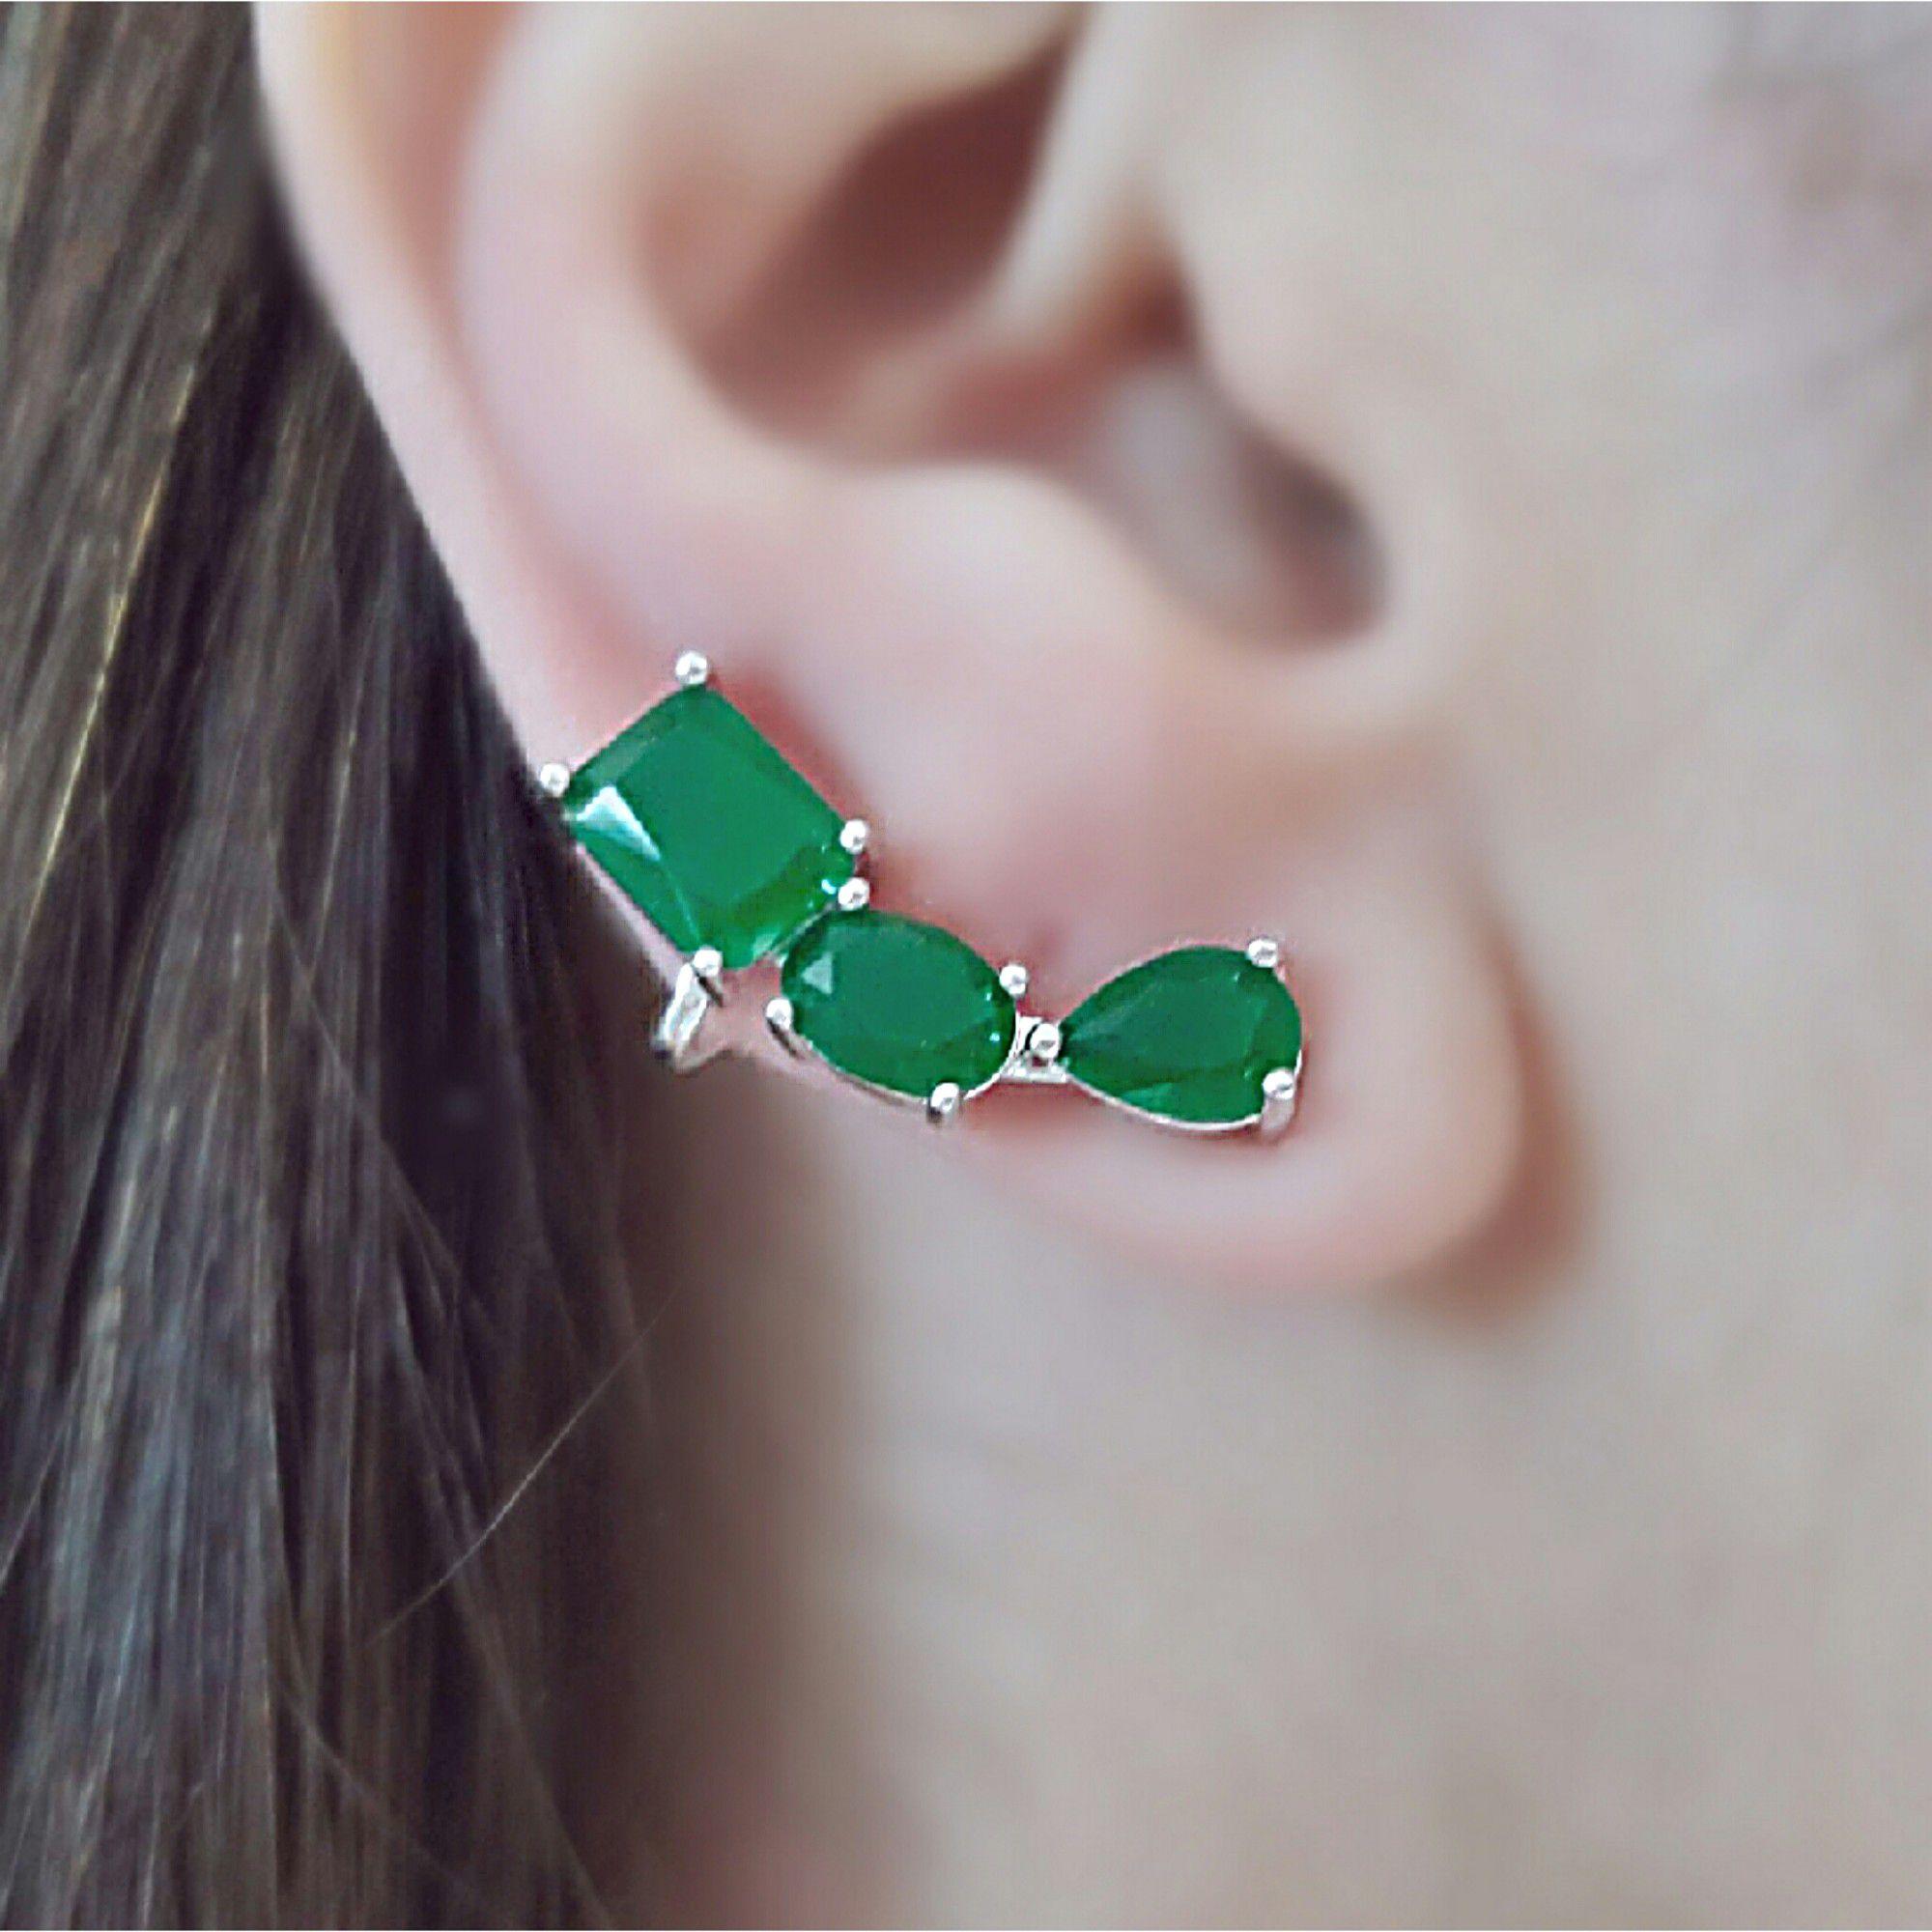 Ear Cuff Esmeralda Prata com Garra Semijoia Ródio Branco  - Soloyou